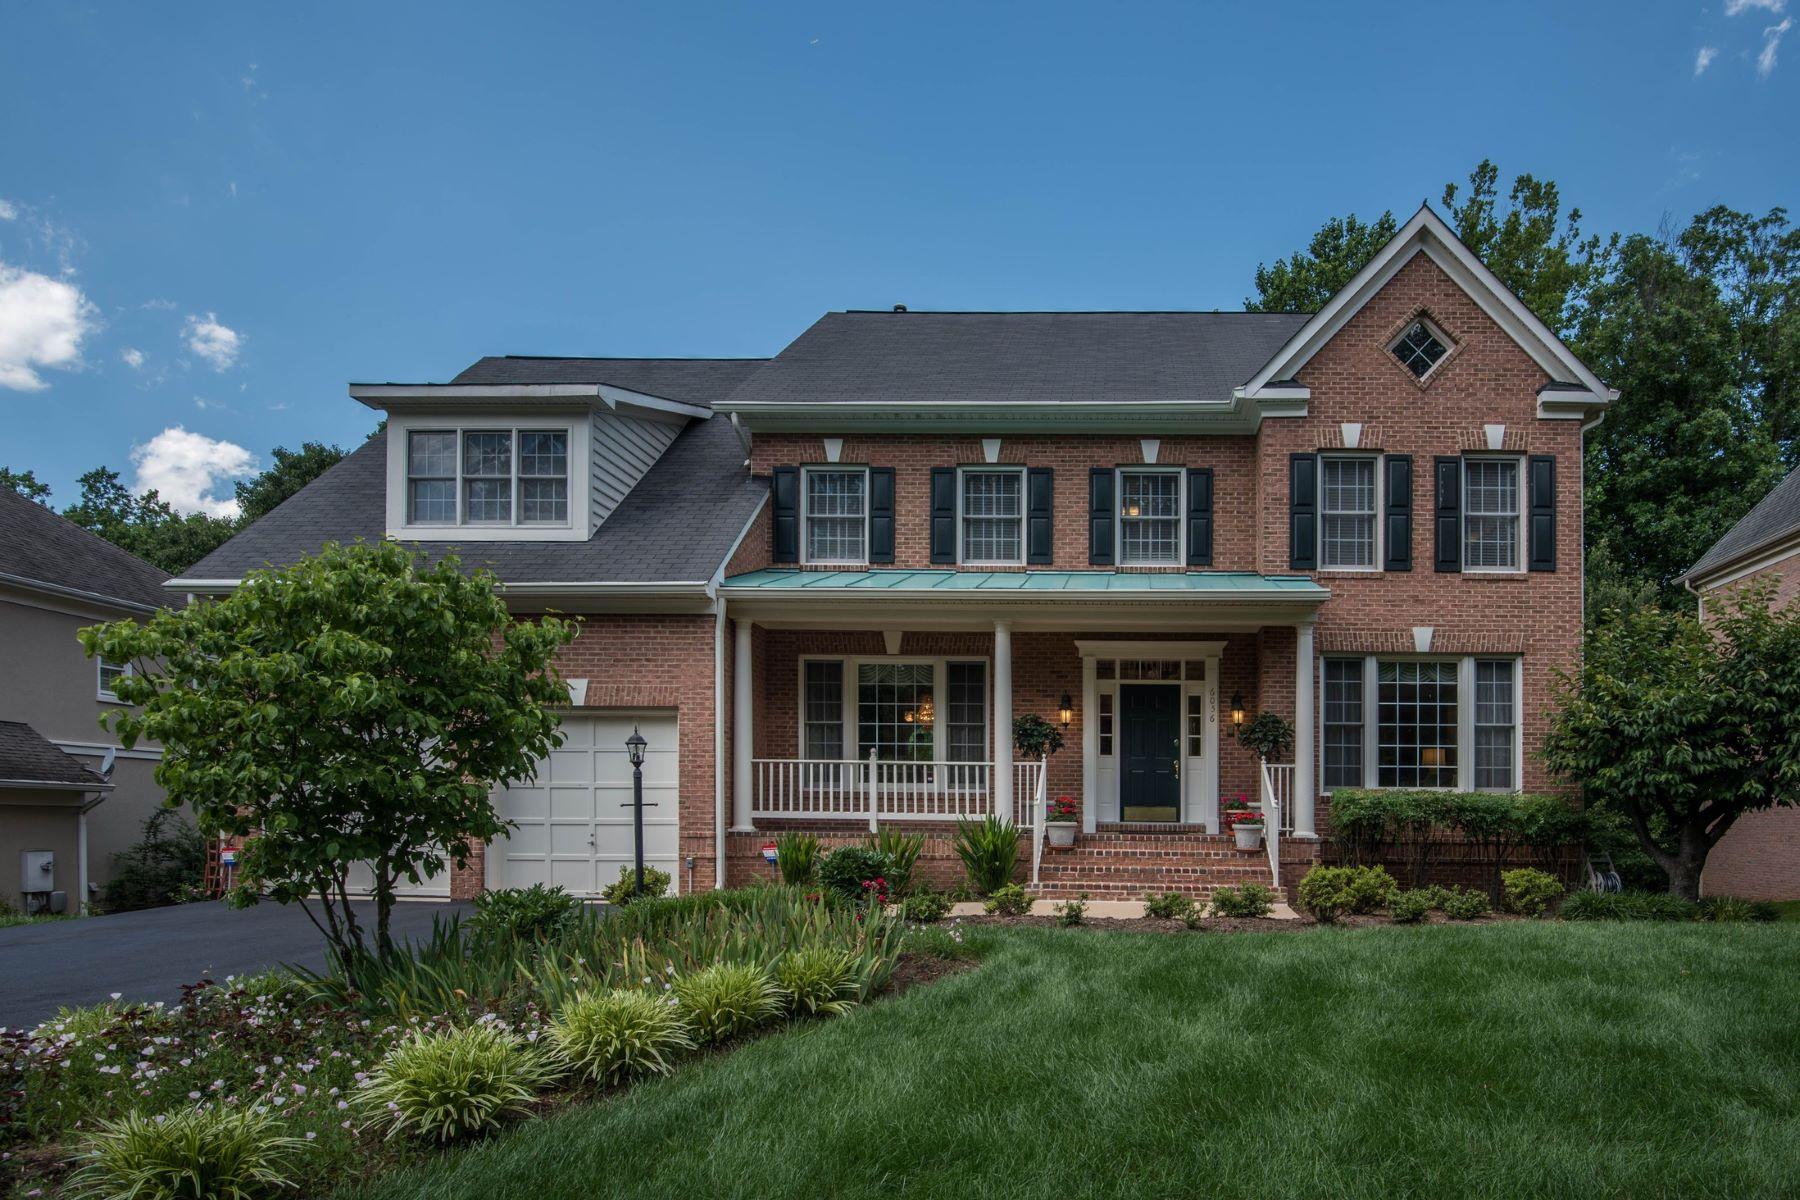 Einfamilienhaus für Verkauf beim 6056 Sugarstone Court, Mclean 6056 Sugarstone Ct McLean, Virginia, 22101 Vereinigte Staaten